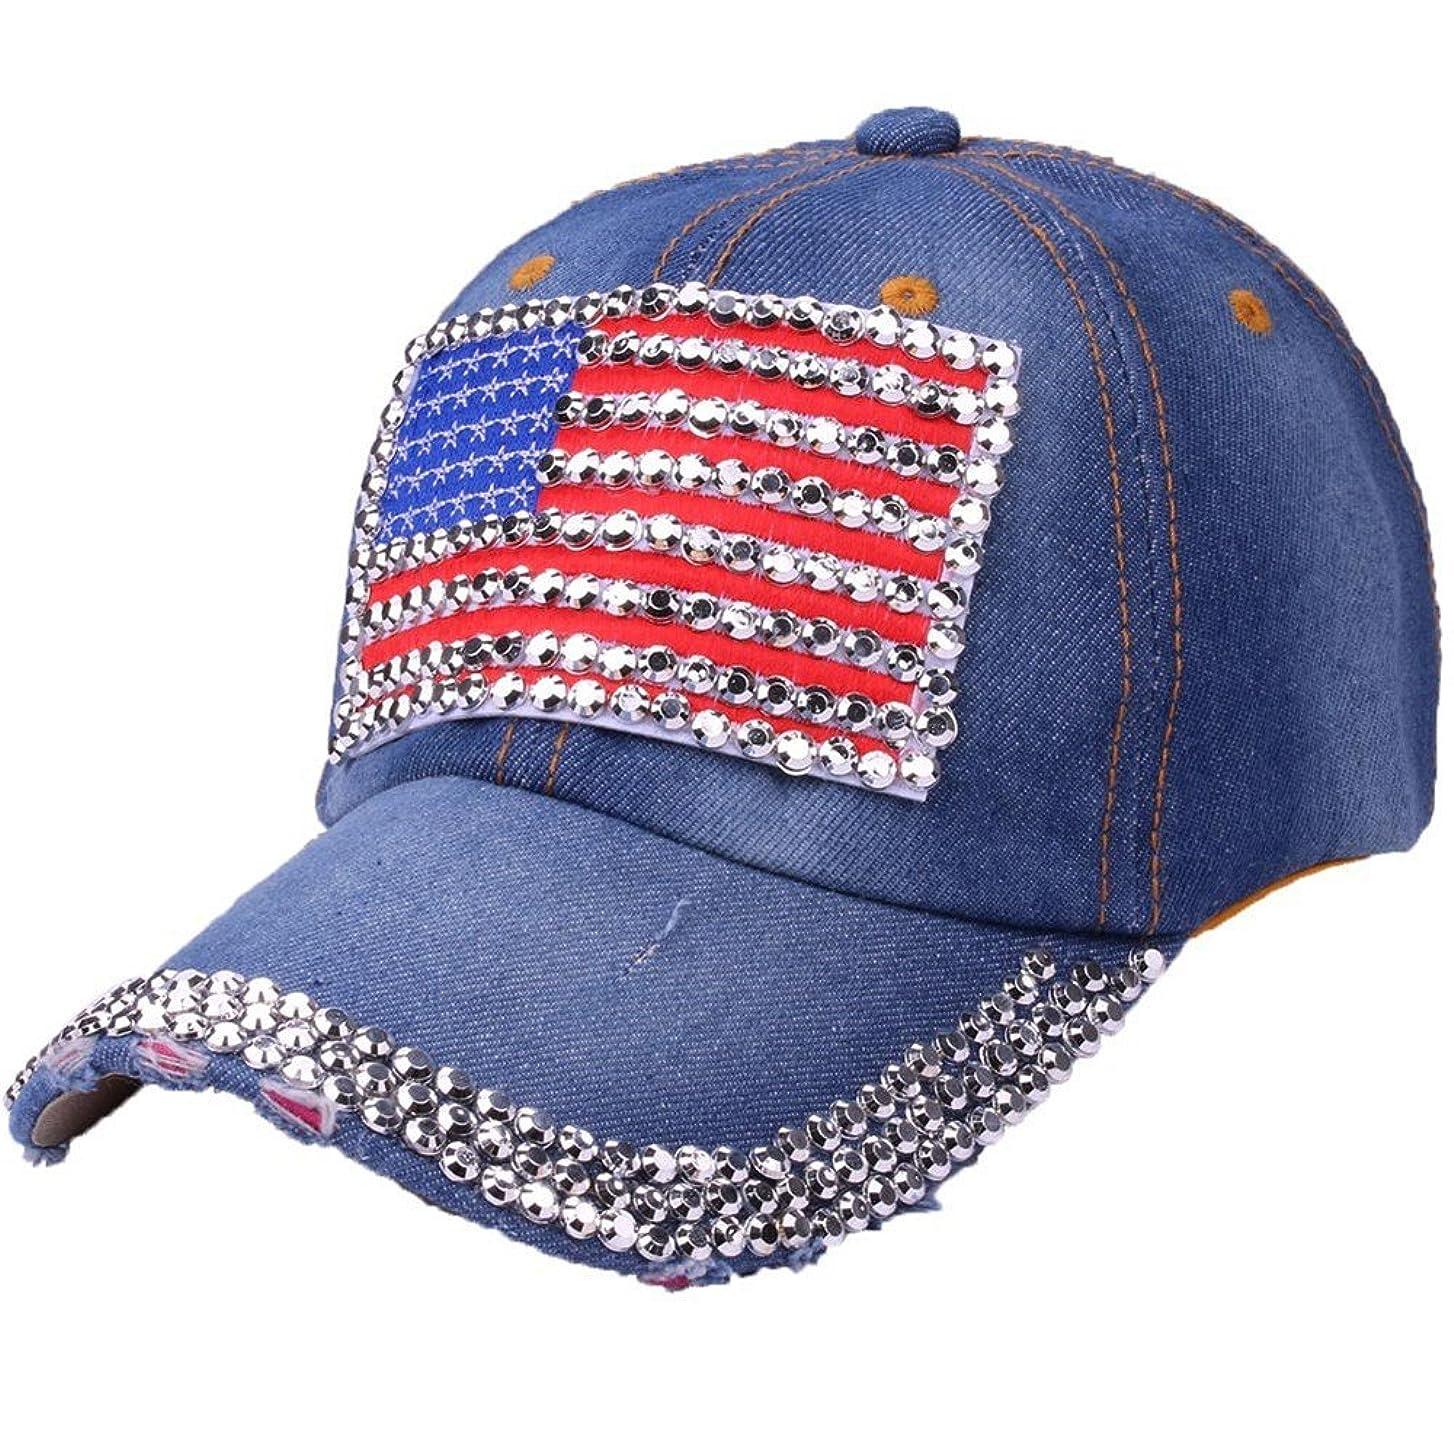 見かけ上バレル権限Racazing Cap カウボーイ 野球帽 ヒップホップ 通気性のある ラインストーン 帽子 夏 登山 アメリカの旗 可調整可能 棒球帽 男女兼用 UV 帽子 軽量 屋外 ジーンズ Unisex Cap (C)